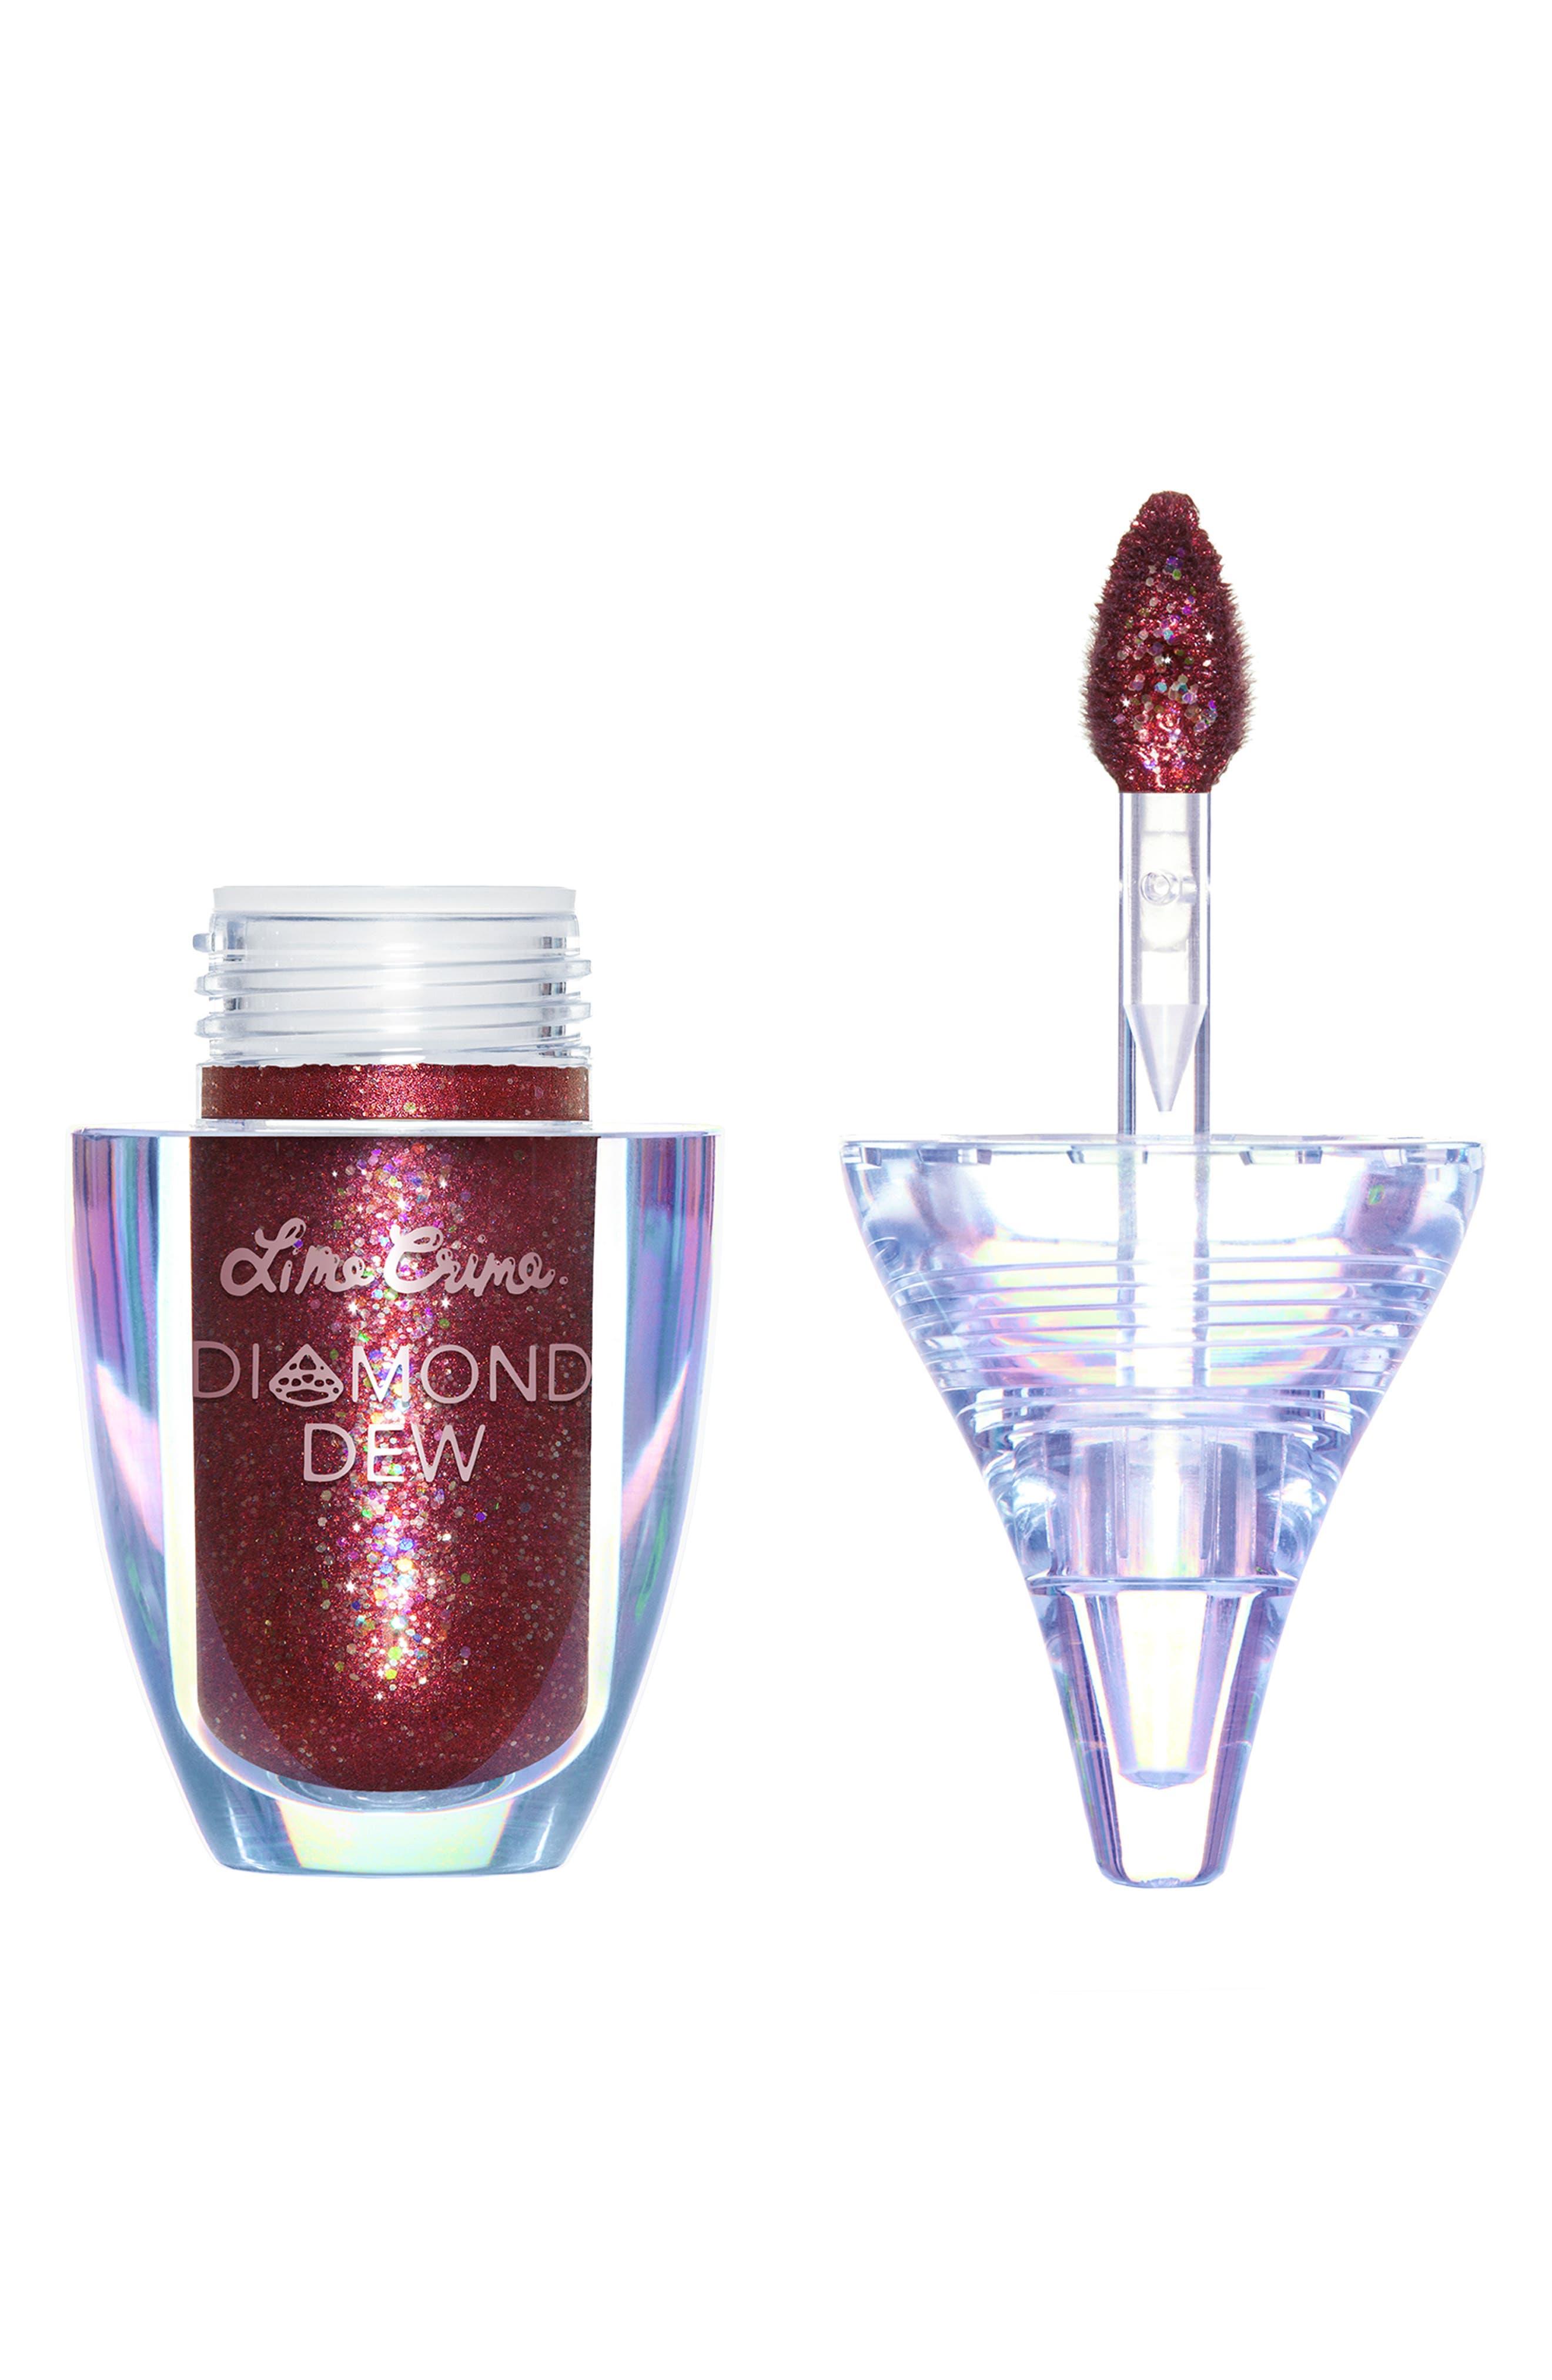 Image of Lime Crime Diamond Dew Liquid Eyeshadow - Chameleon